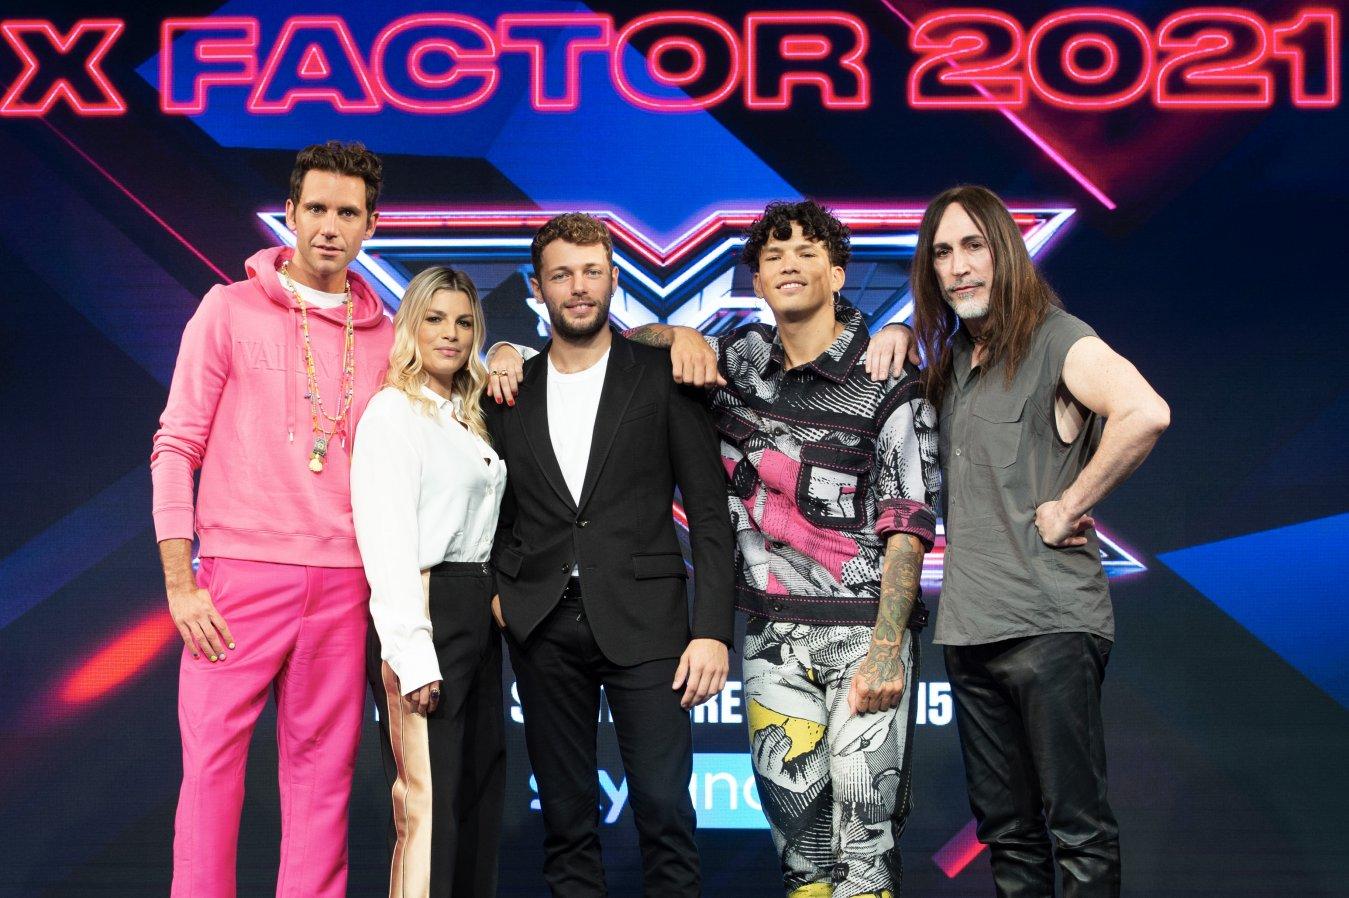 X Factor 2021, al via le Audizioni su Sky Uno e NOW (esordio anche su TV8)